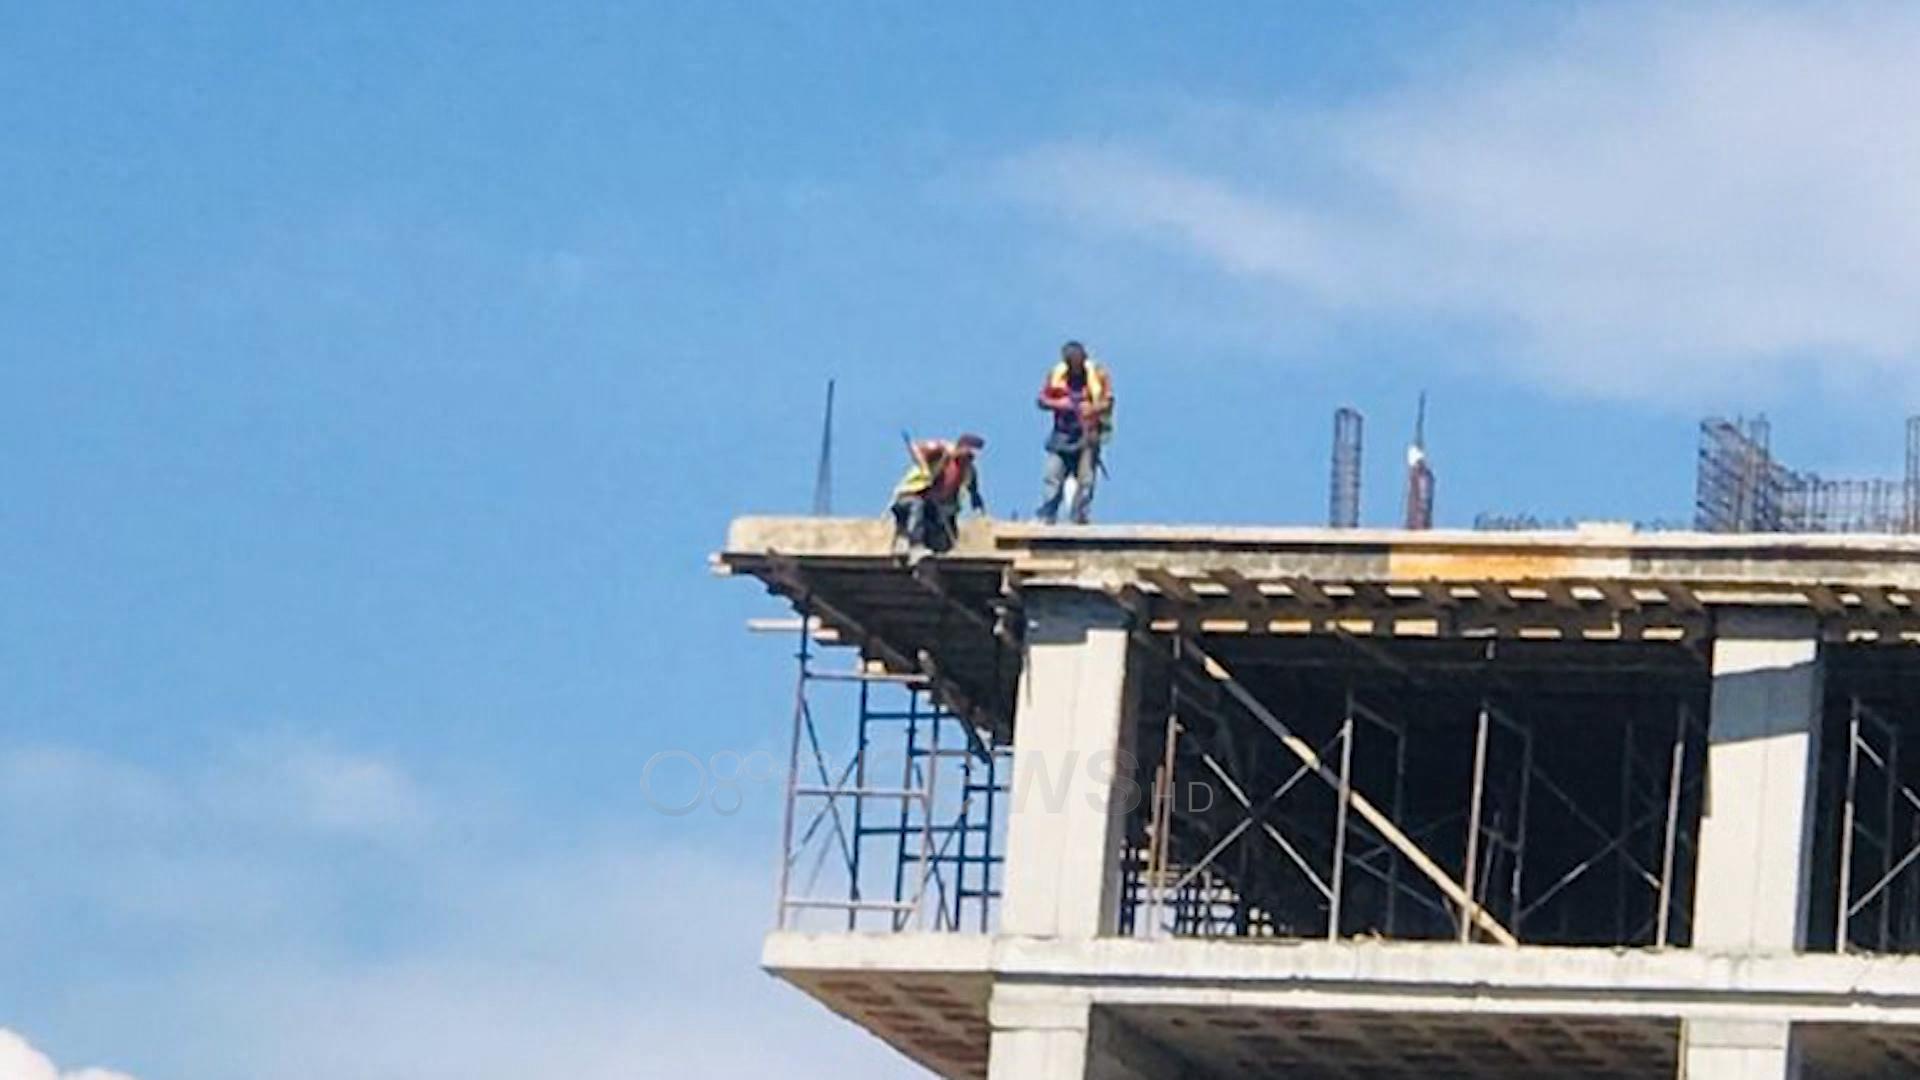 Bie nga një ndërtesë punëtori i ndërtimtarisë në Fushë Kosovë